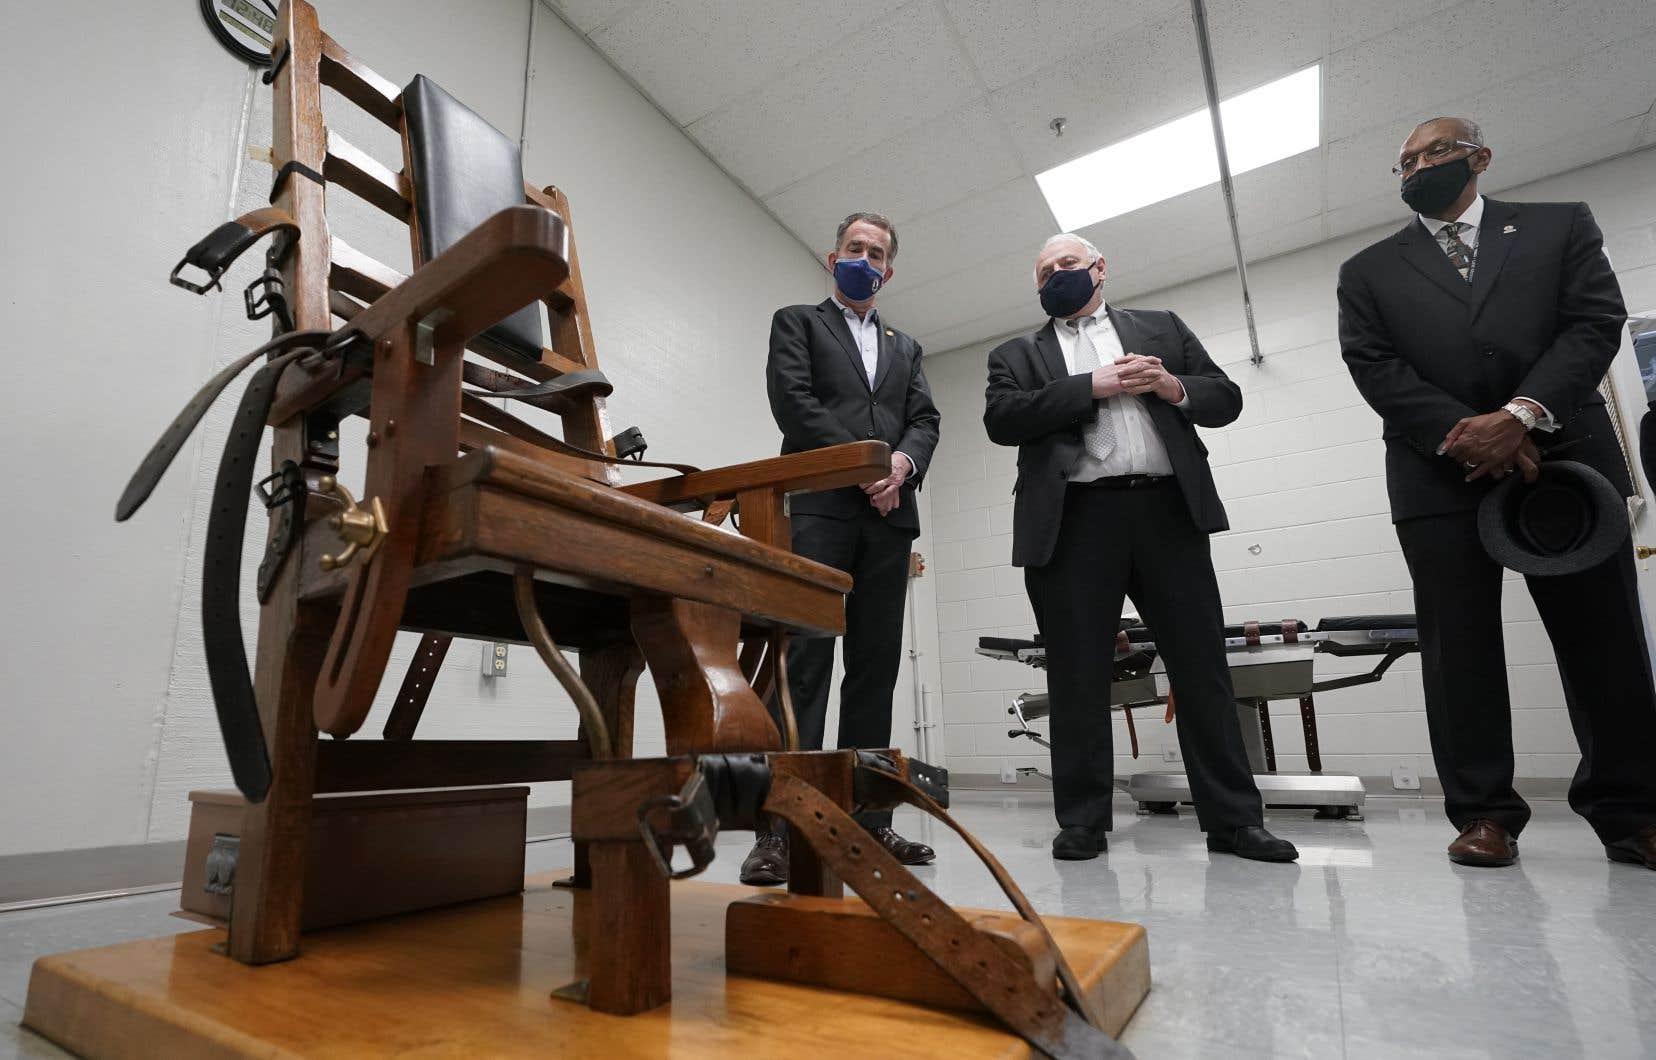 Le gouverneur Ralph Northam, à gauche, au centre correctionnel de Greensville avant la signature du projet de loi abolissant la peine de mort en Virginie